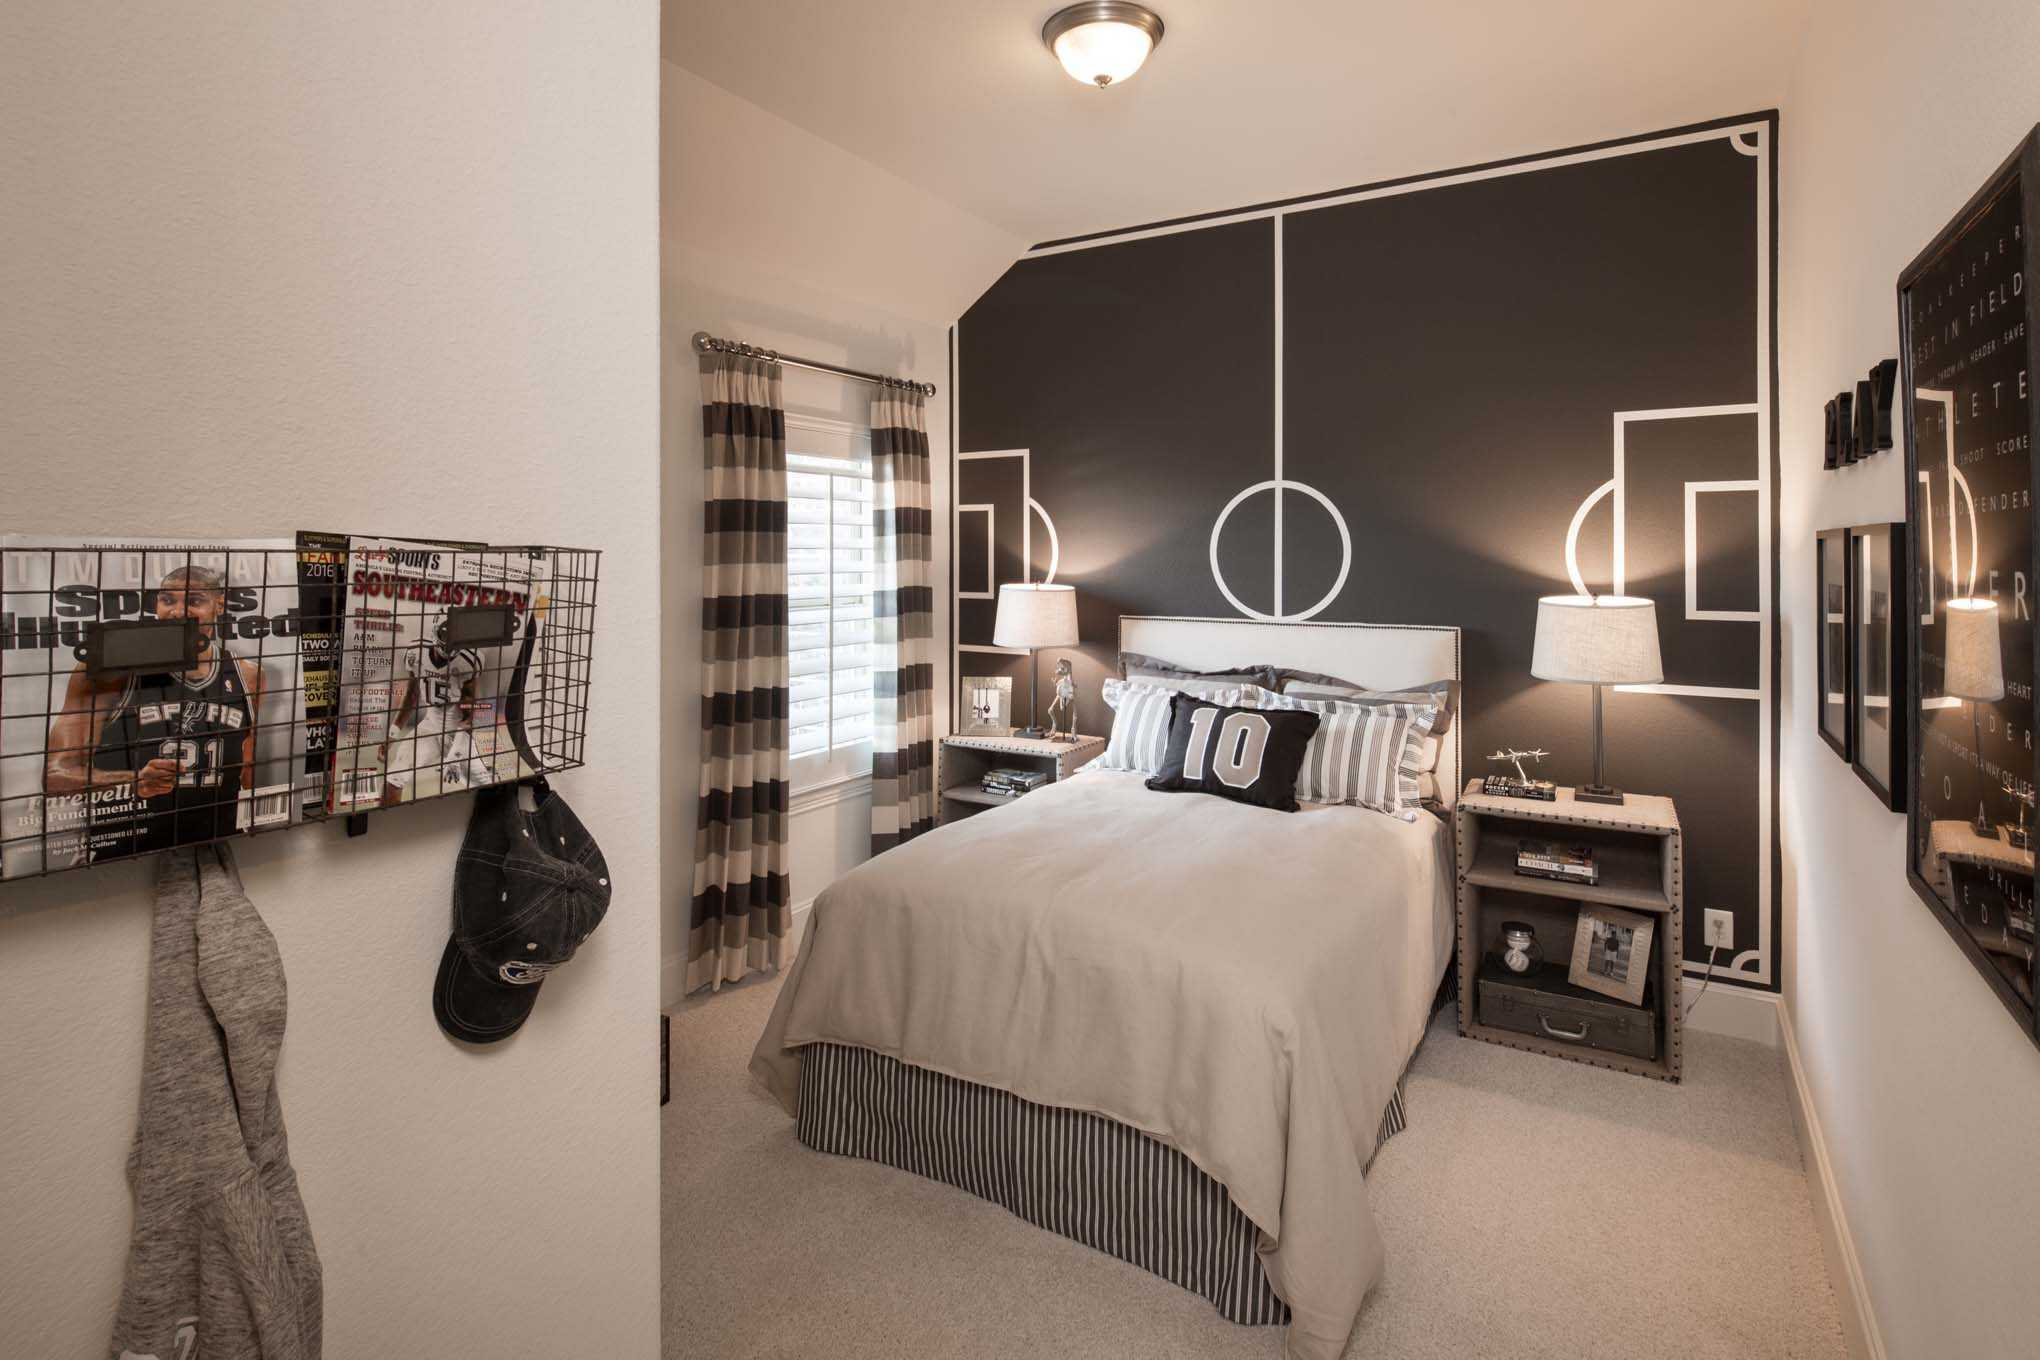 Bedroom-in-Plan 204-at-Balcones Creek: 70ft. lots-in-Boerne